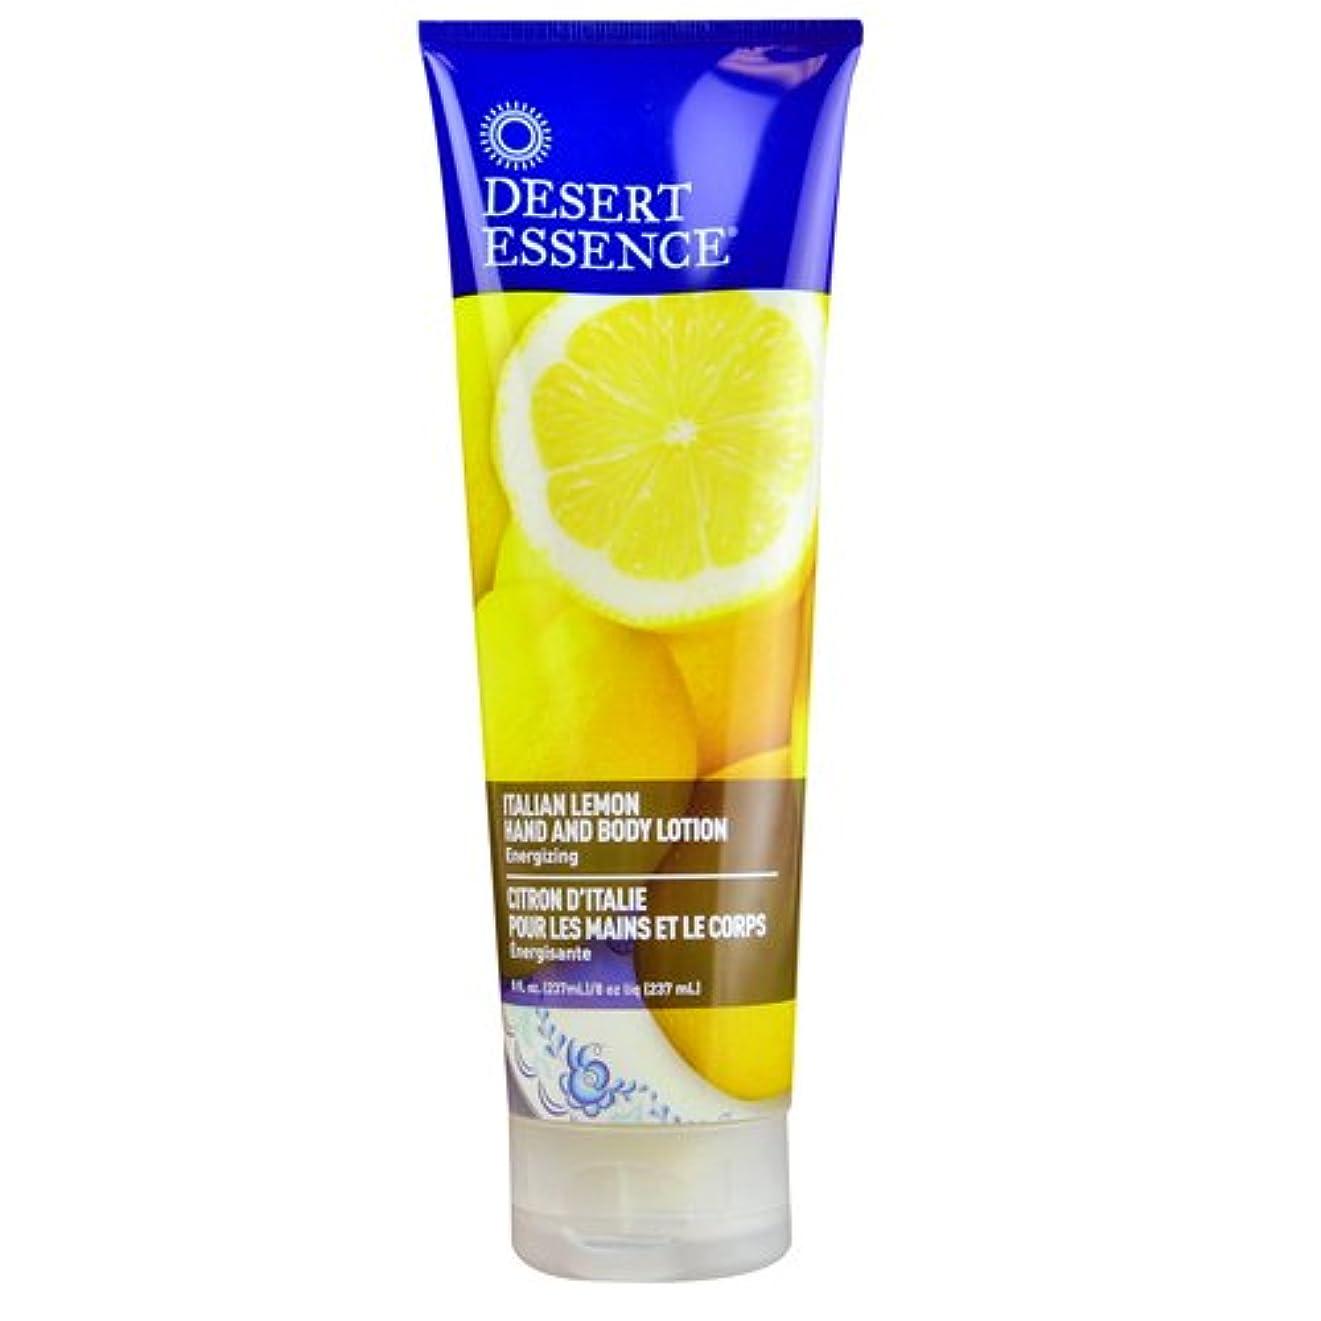 グレード実験室多数のDesert Essence, Hand and Body Lotion, Italian Lemon, 8 fl oz (237 ml)